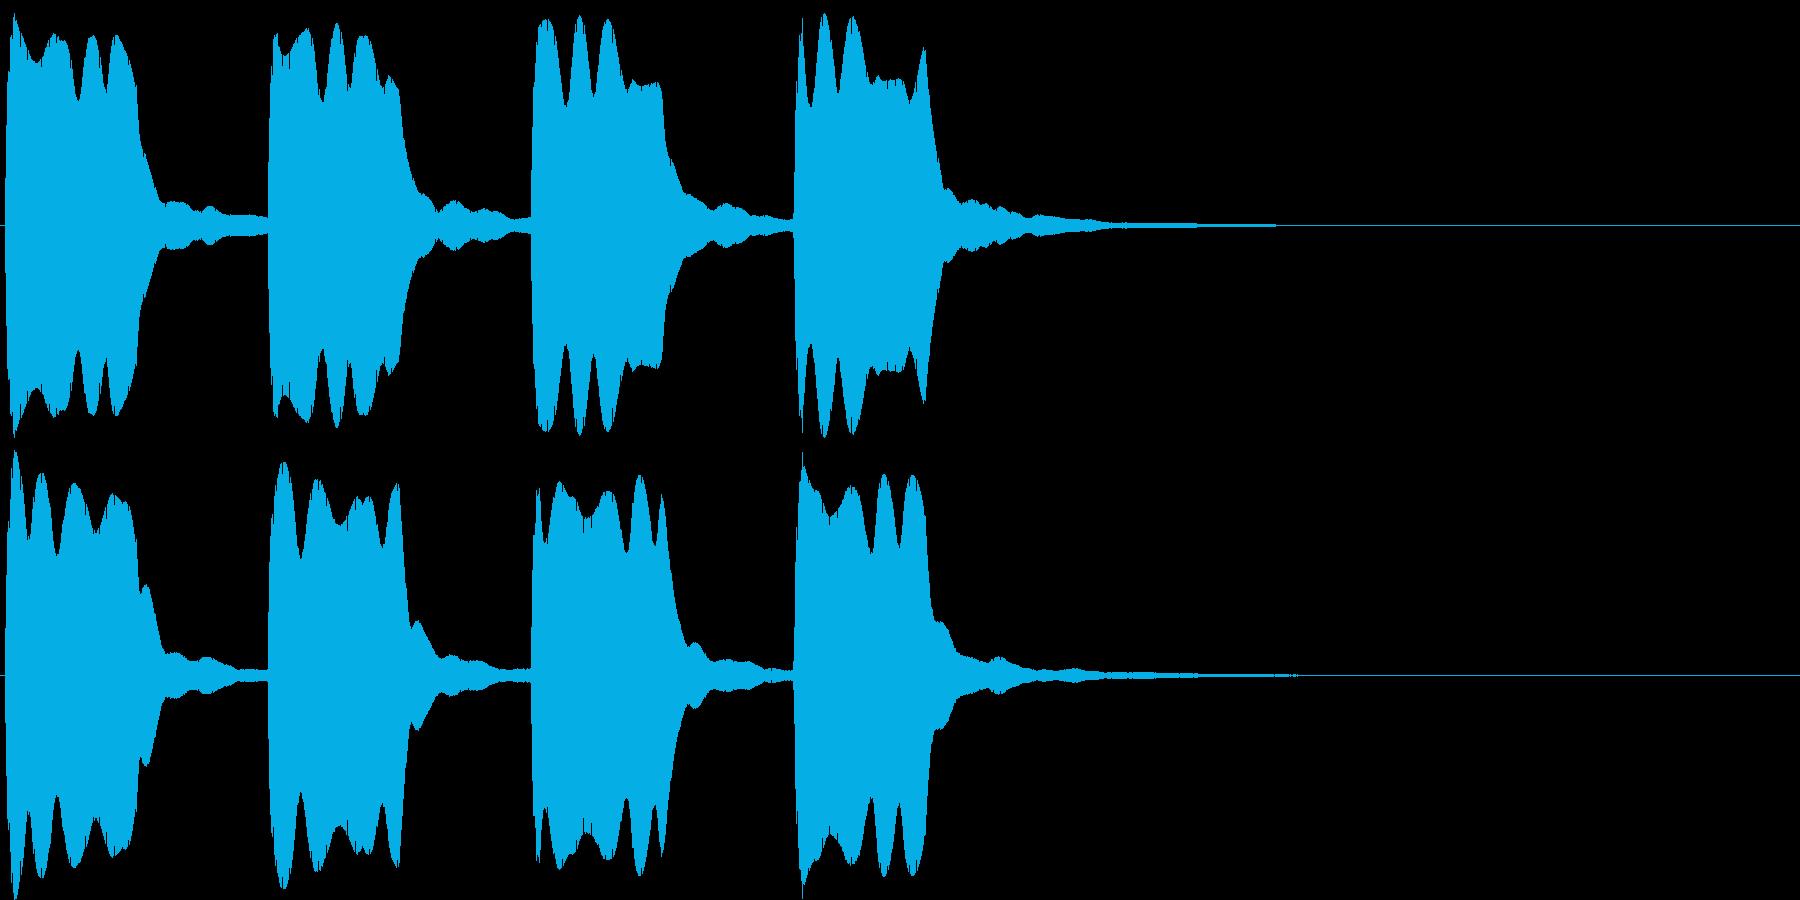 ピーピー。緊急事態の警報音Aの再生済みの波形